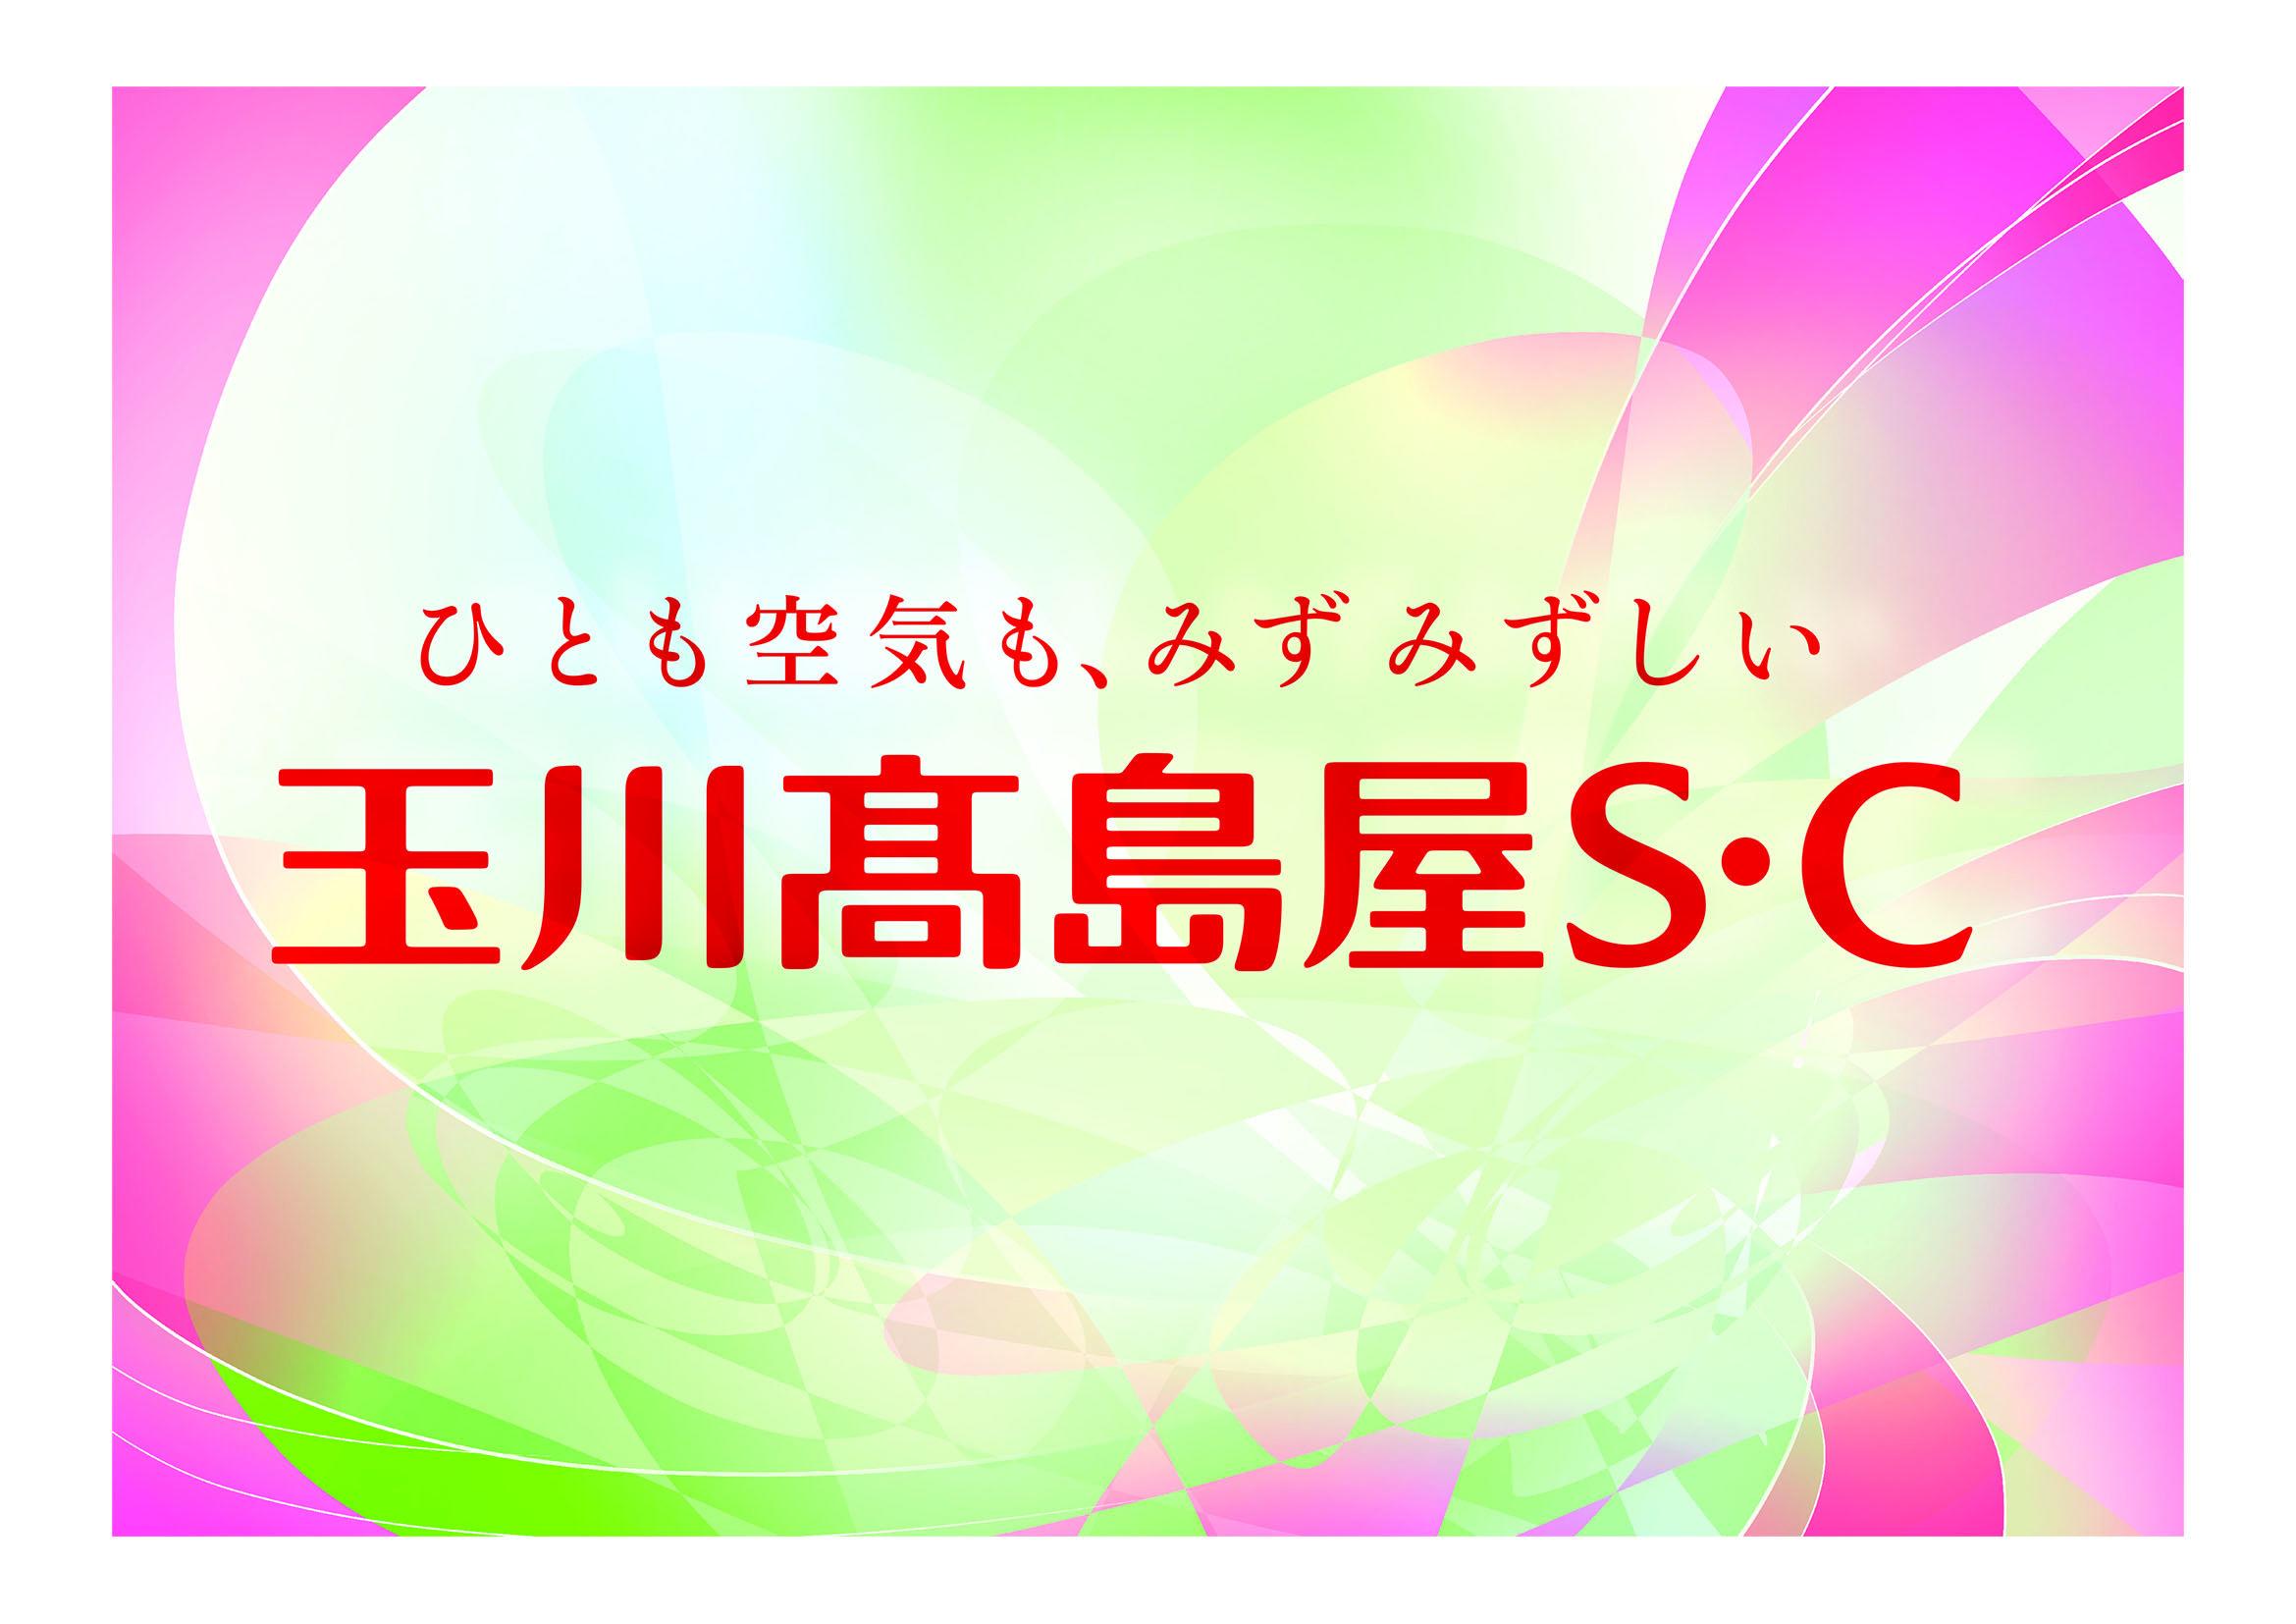 多摩美術大学×玉川高島屋S・C「ART SIGNプロジェクト」第2弾 -- 産学連携で二子玉川の街を盛り上げる